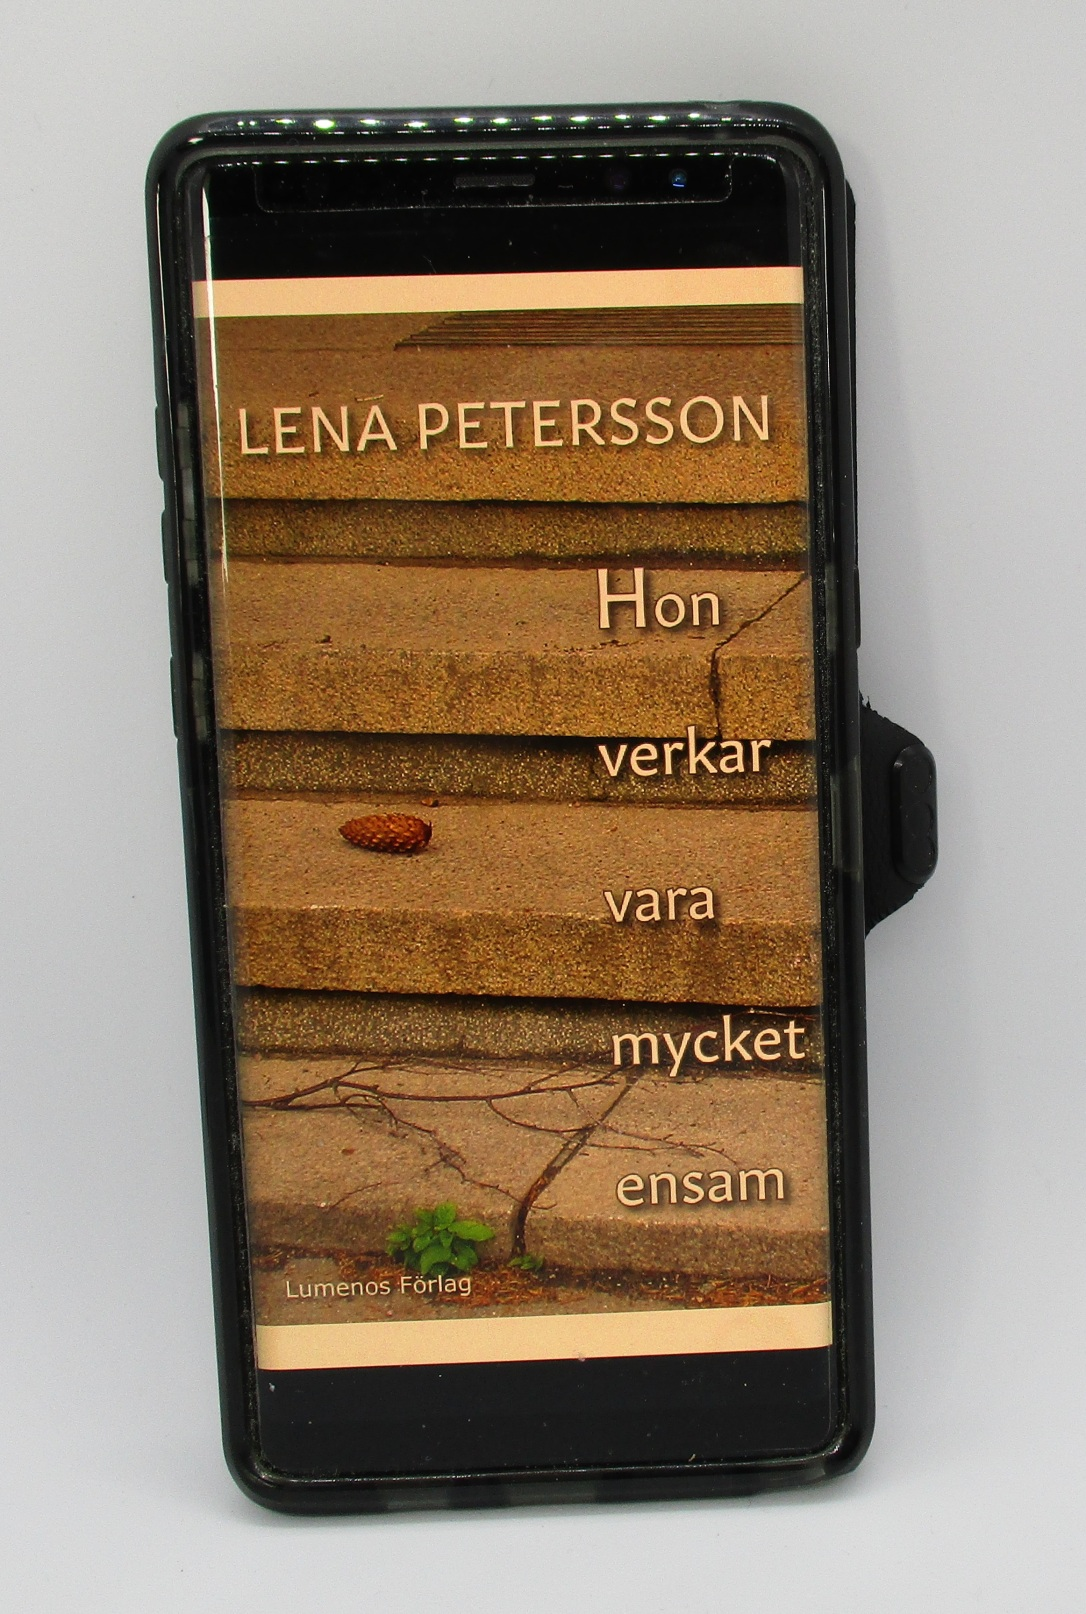 """E-boken """"Hon verkar vara mycket ensam"""" öppnad i en mobiltelefon. Foto: Lena Petersson."""